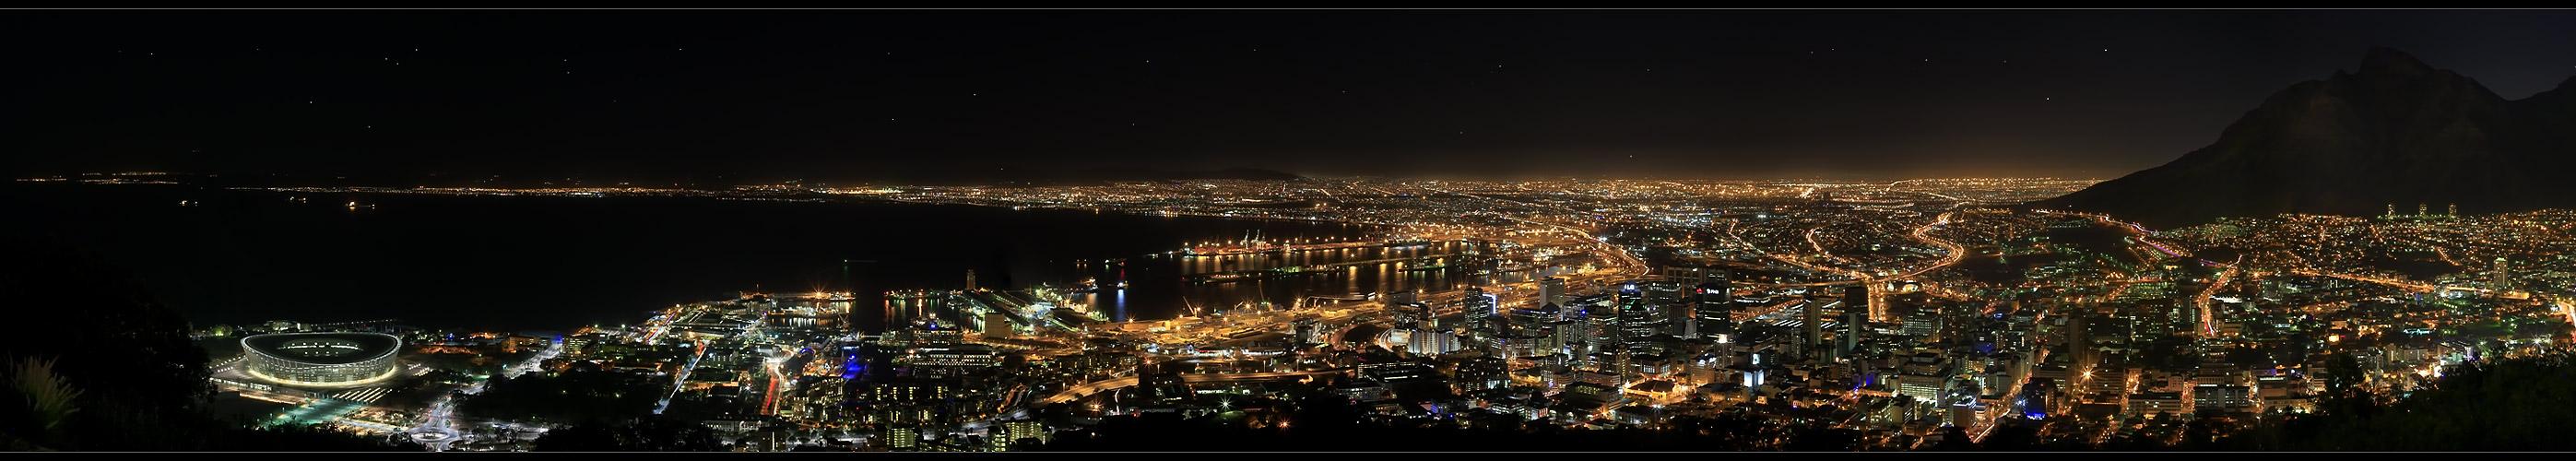 ---Cape Town 2010---